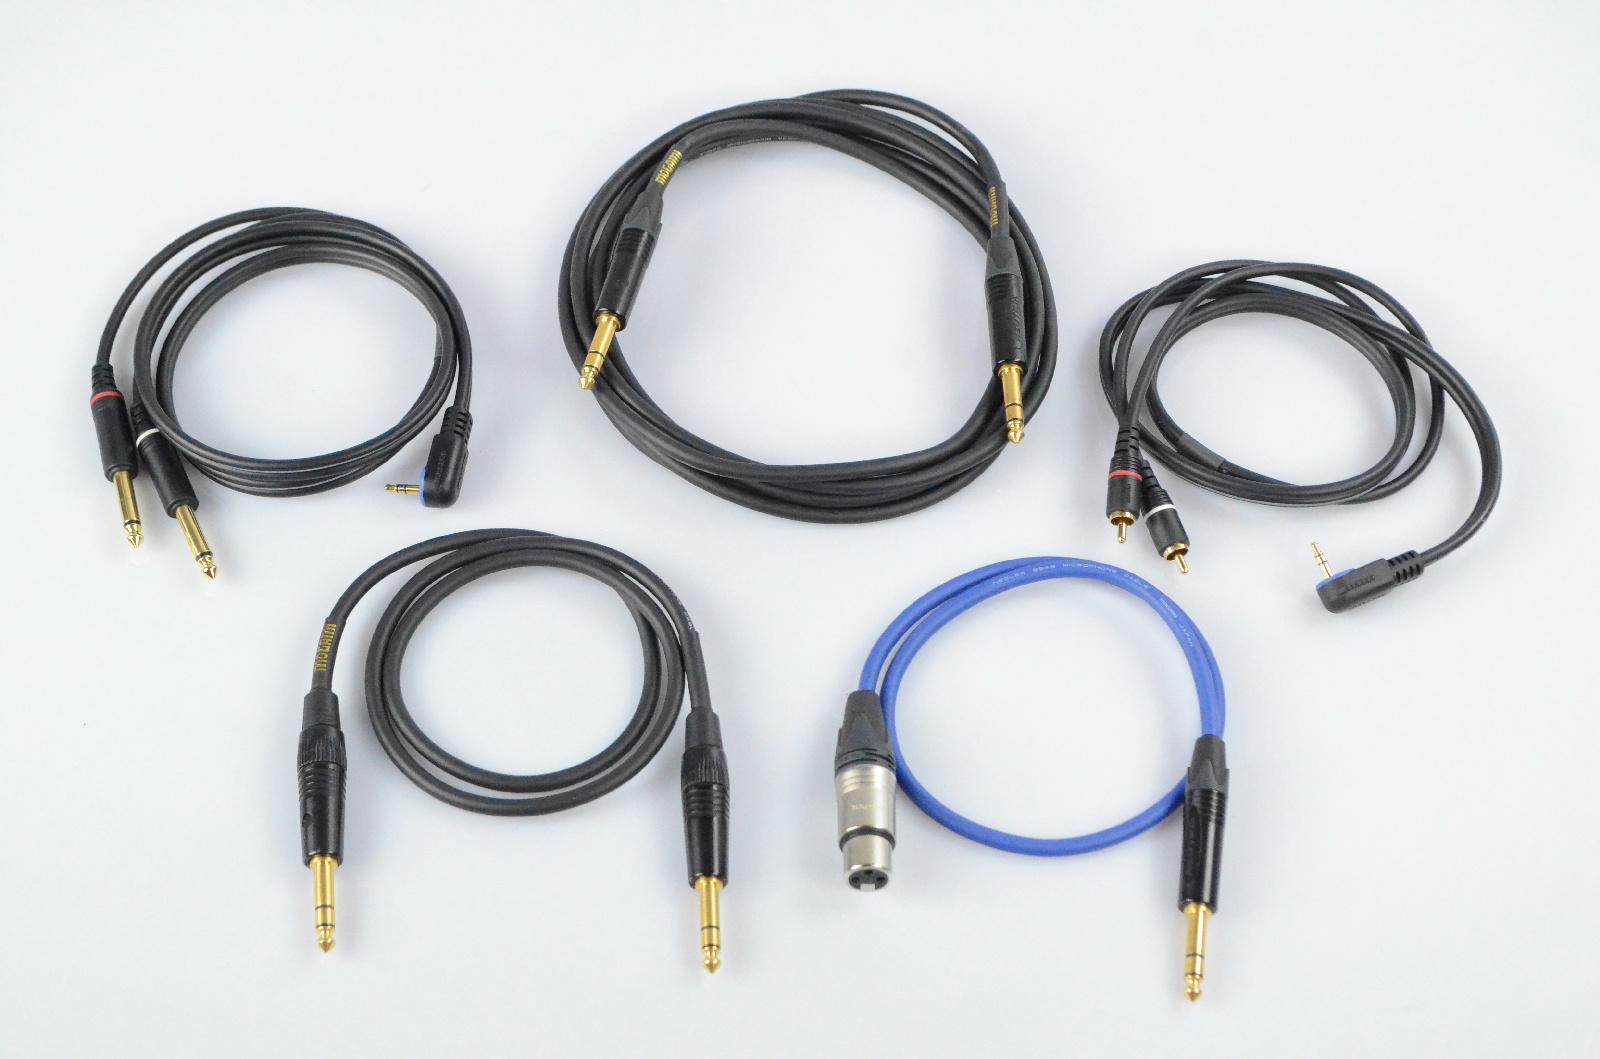 """5 Mogami 2'-10' XLR RCA 1/4"""" TRS TS 1/8"""" Cables Lot #32926"""